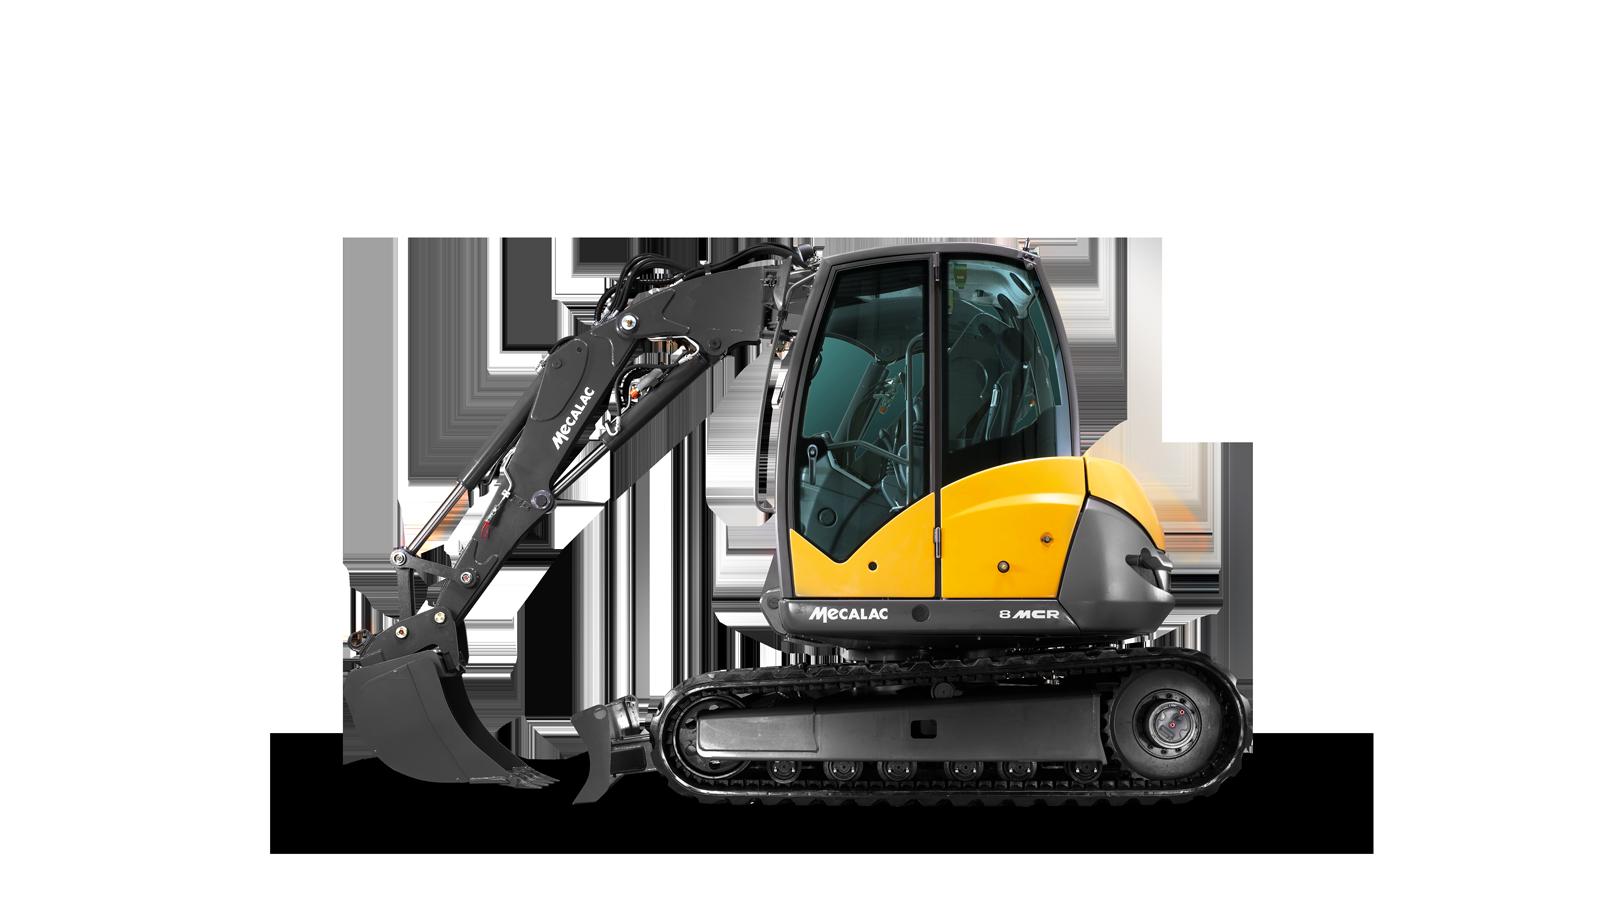 crawler skid excavators mecalac 8mcr